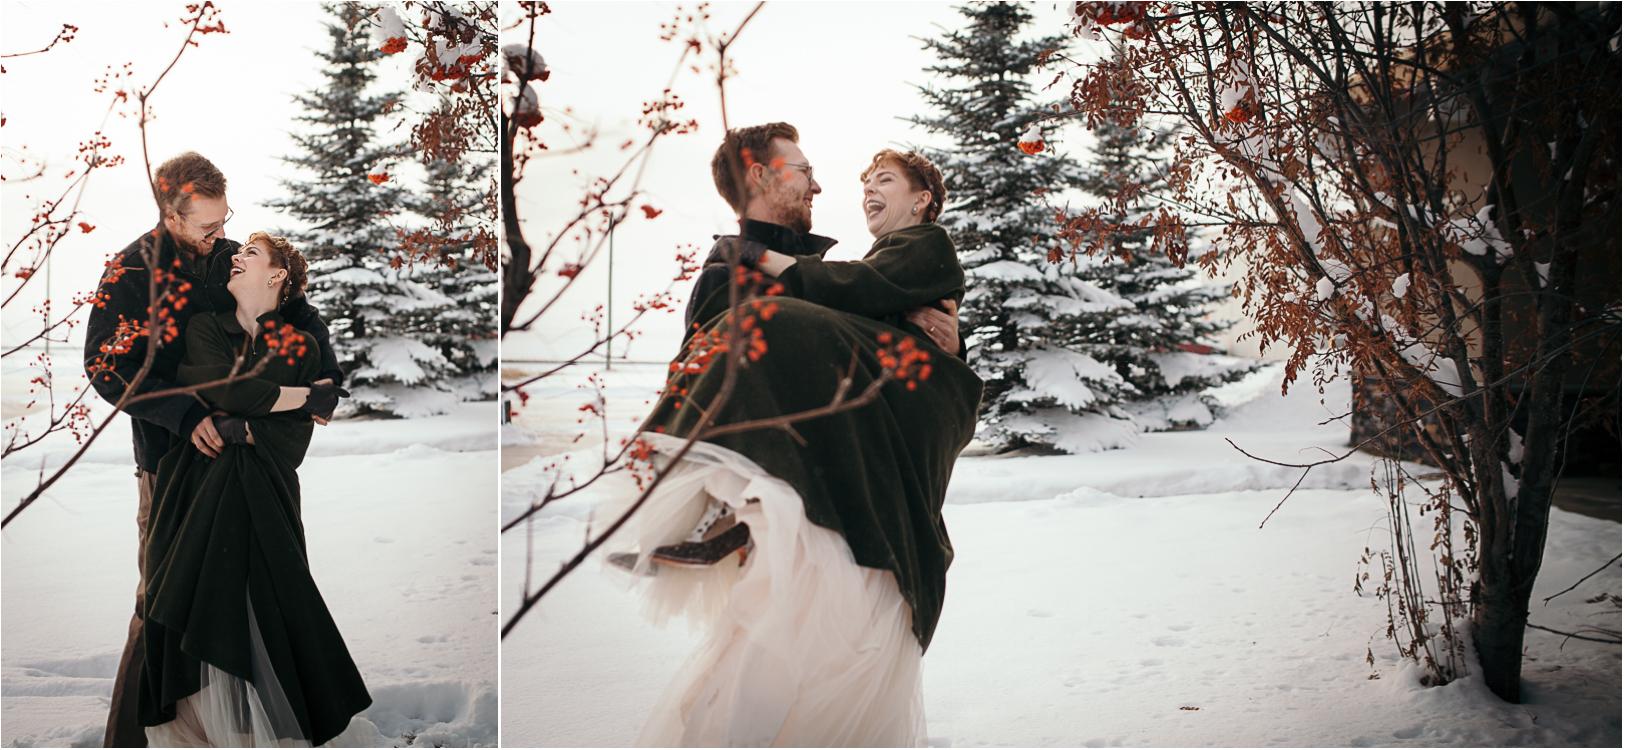 Justin+Clarissa_Collage-30.jpg